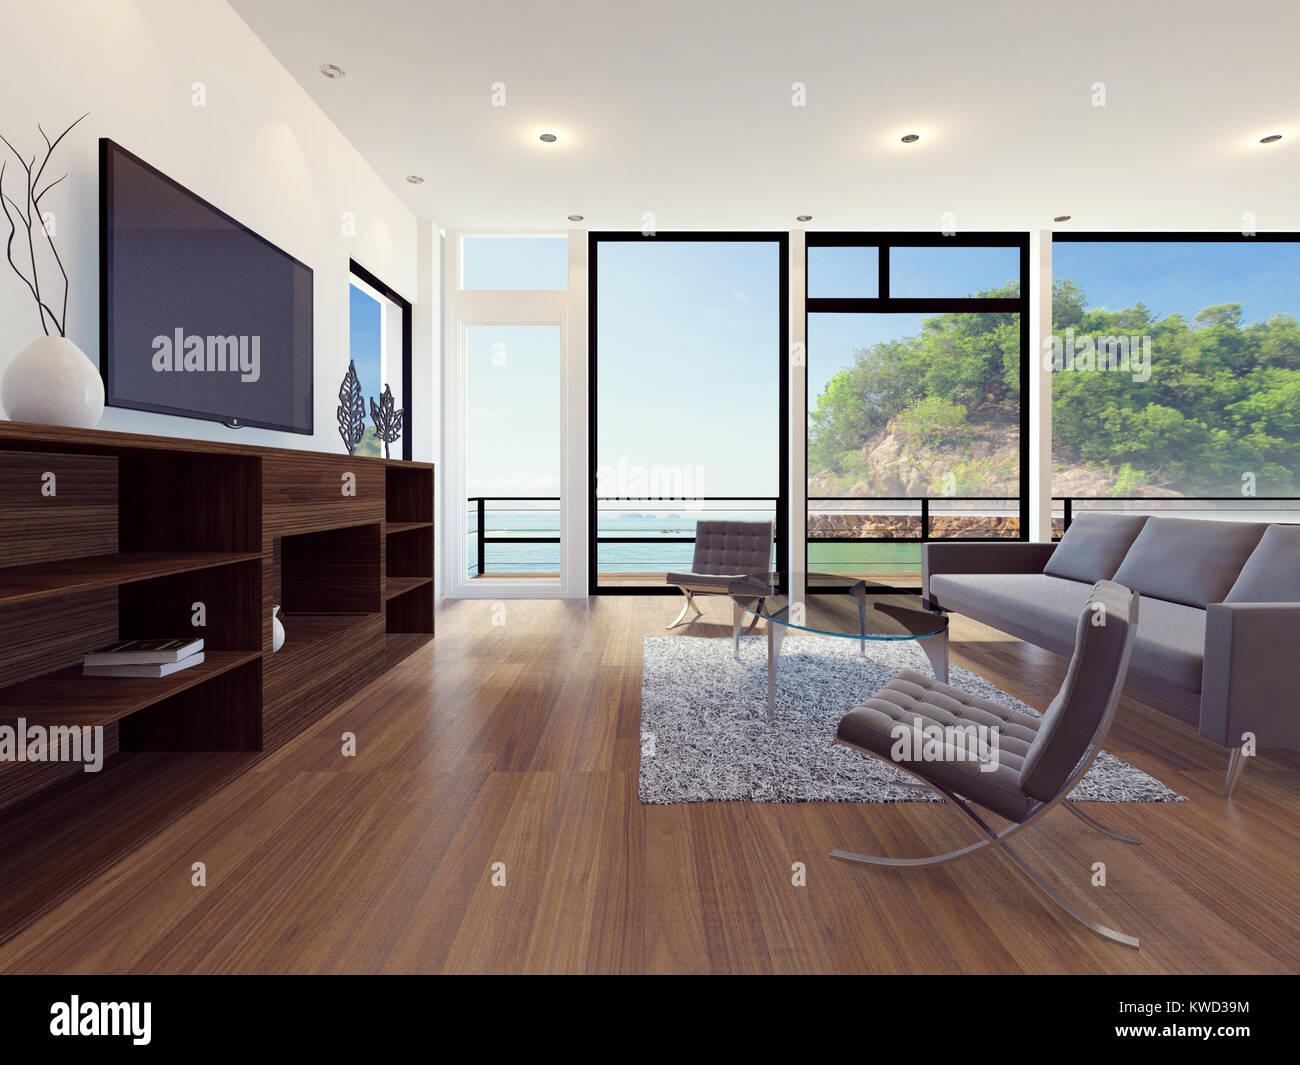 Moderne Wohnung Wohnzimmer mit Meerblick, 3D-Rendering ...